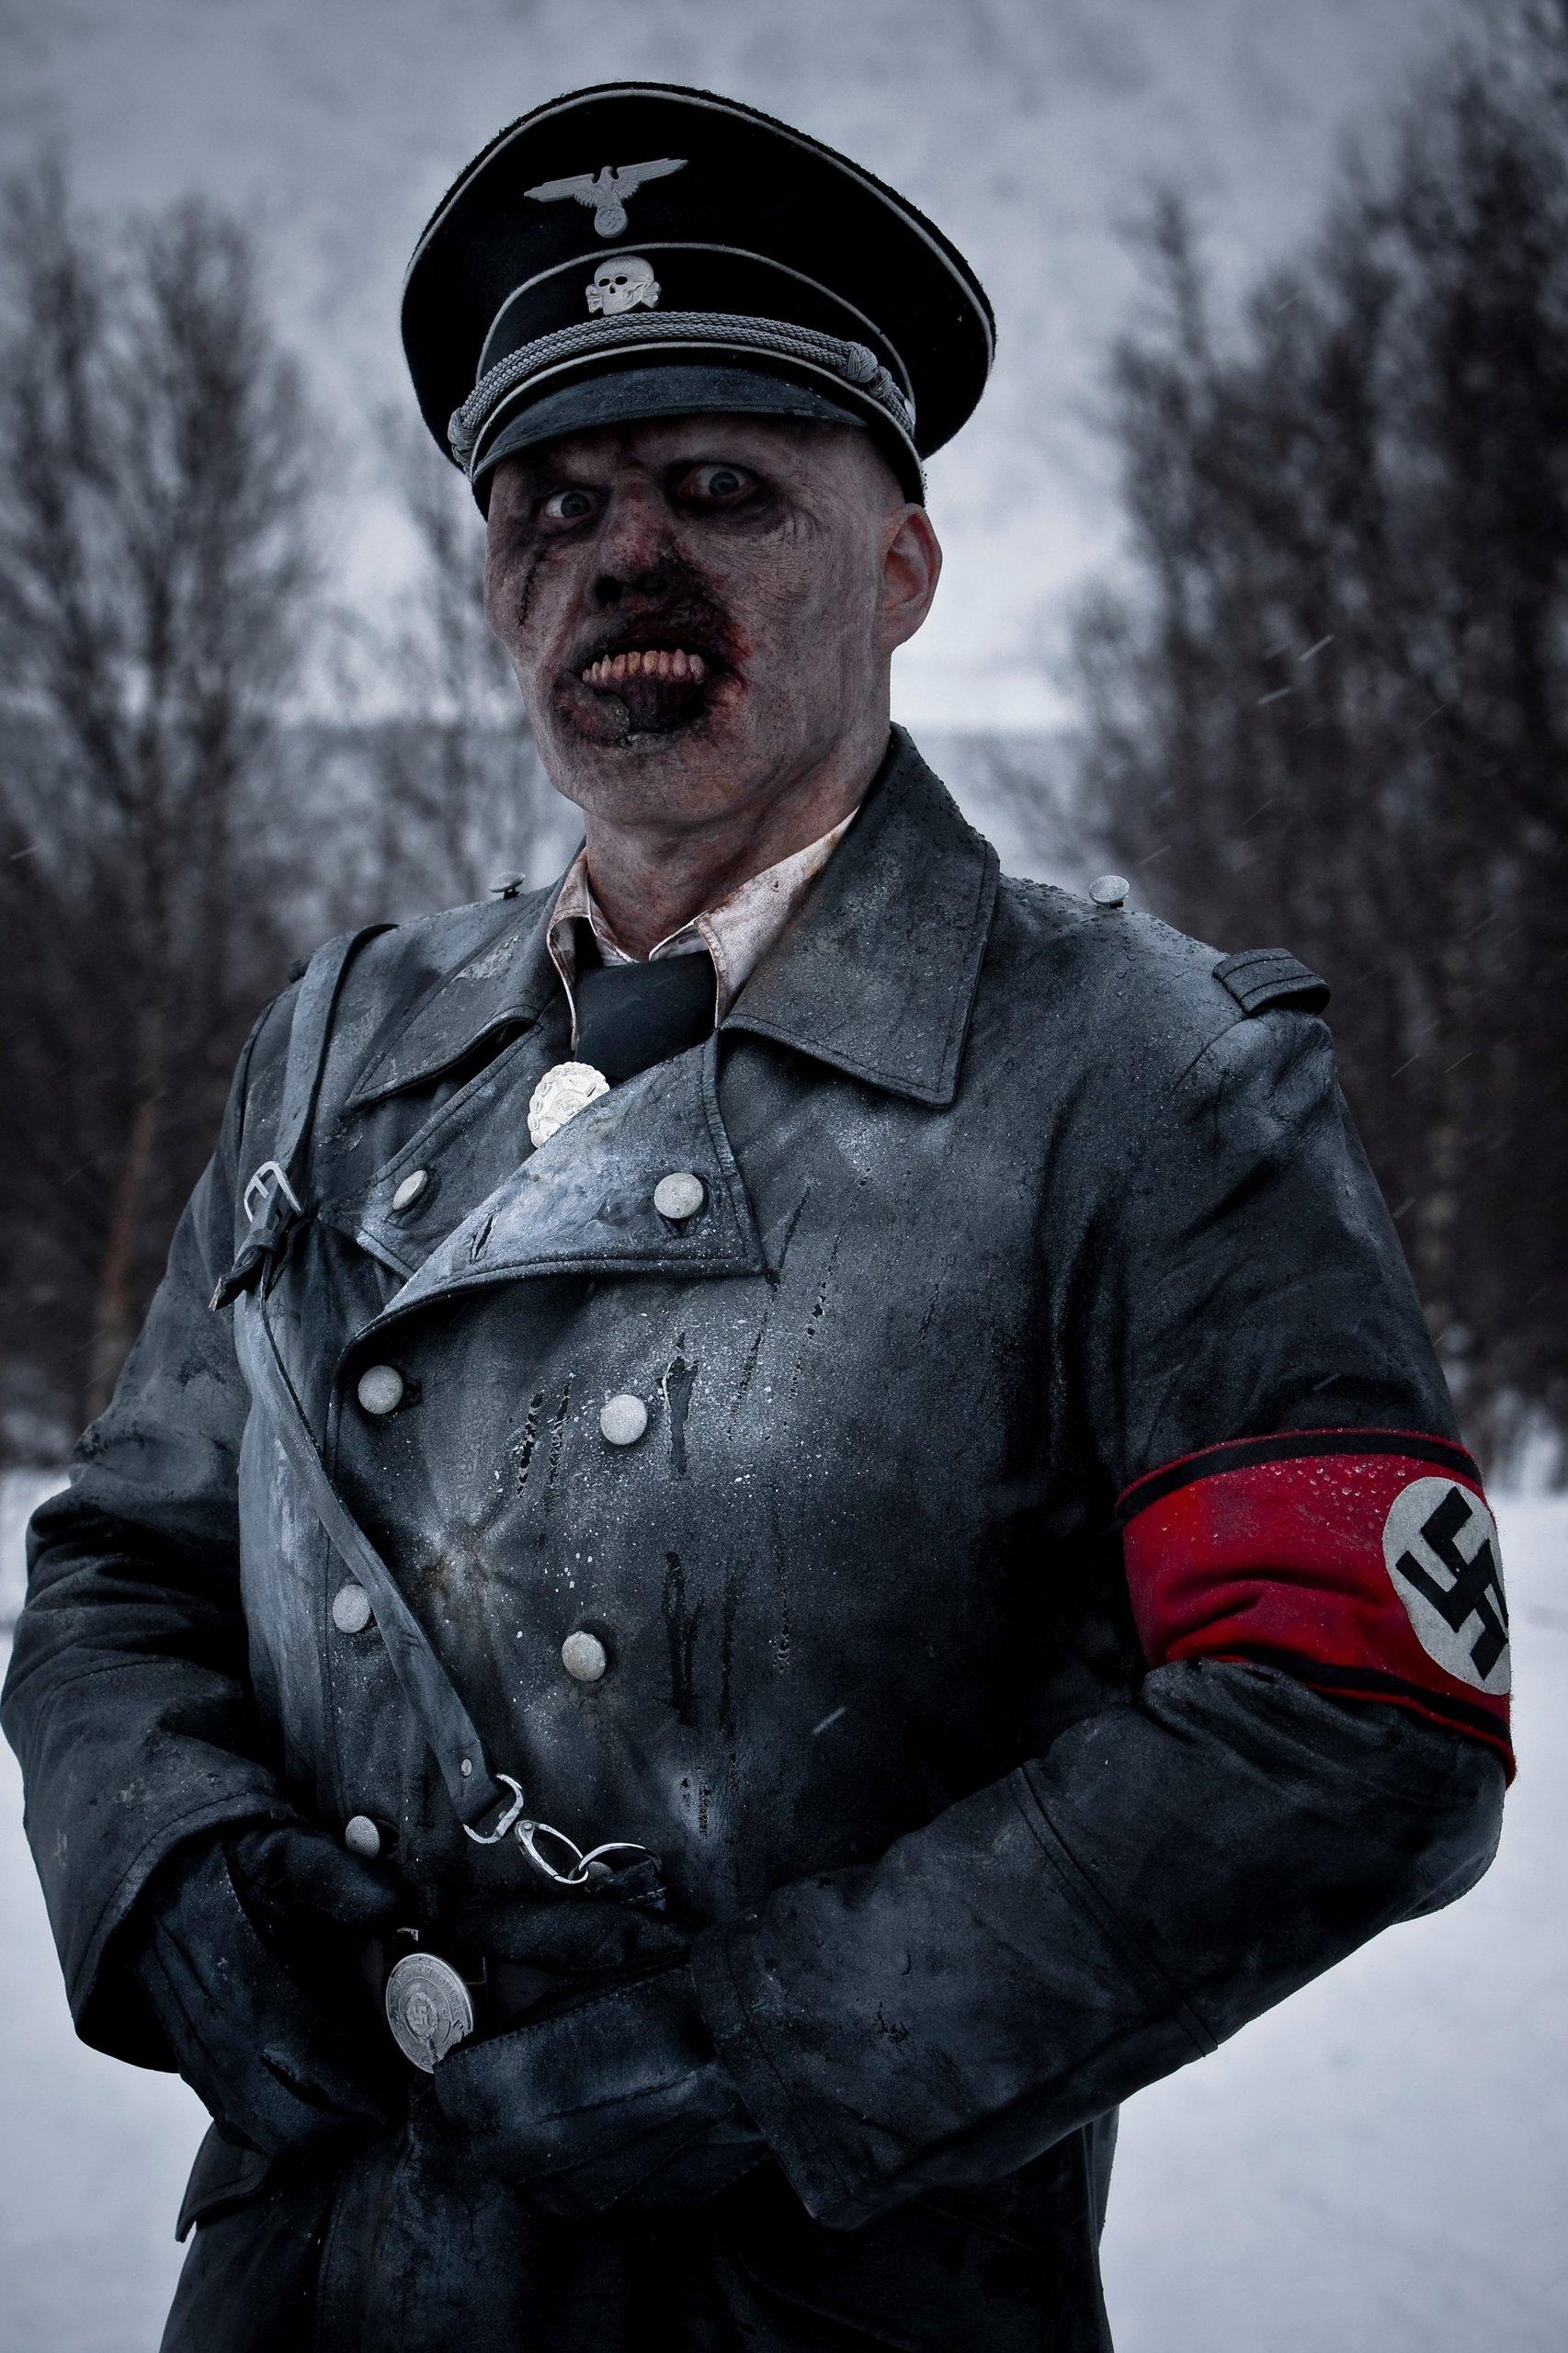 Кадры из фильма мертвый снег кино